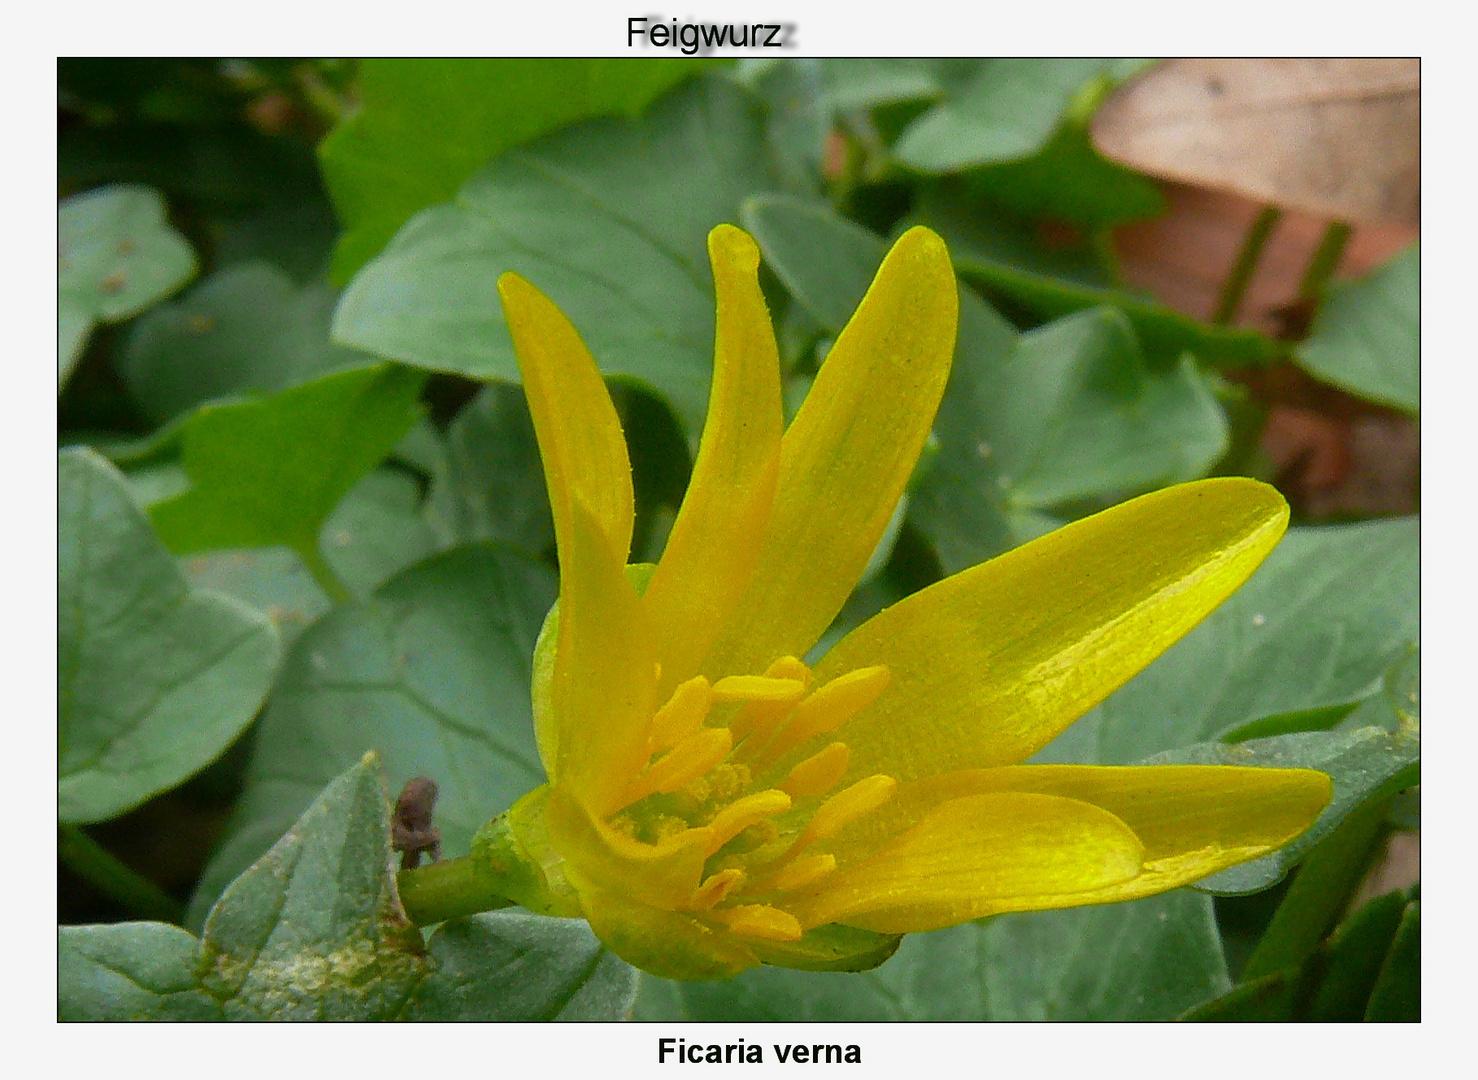 Der gelbe Frühlings Bote